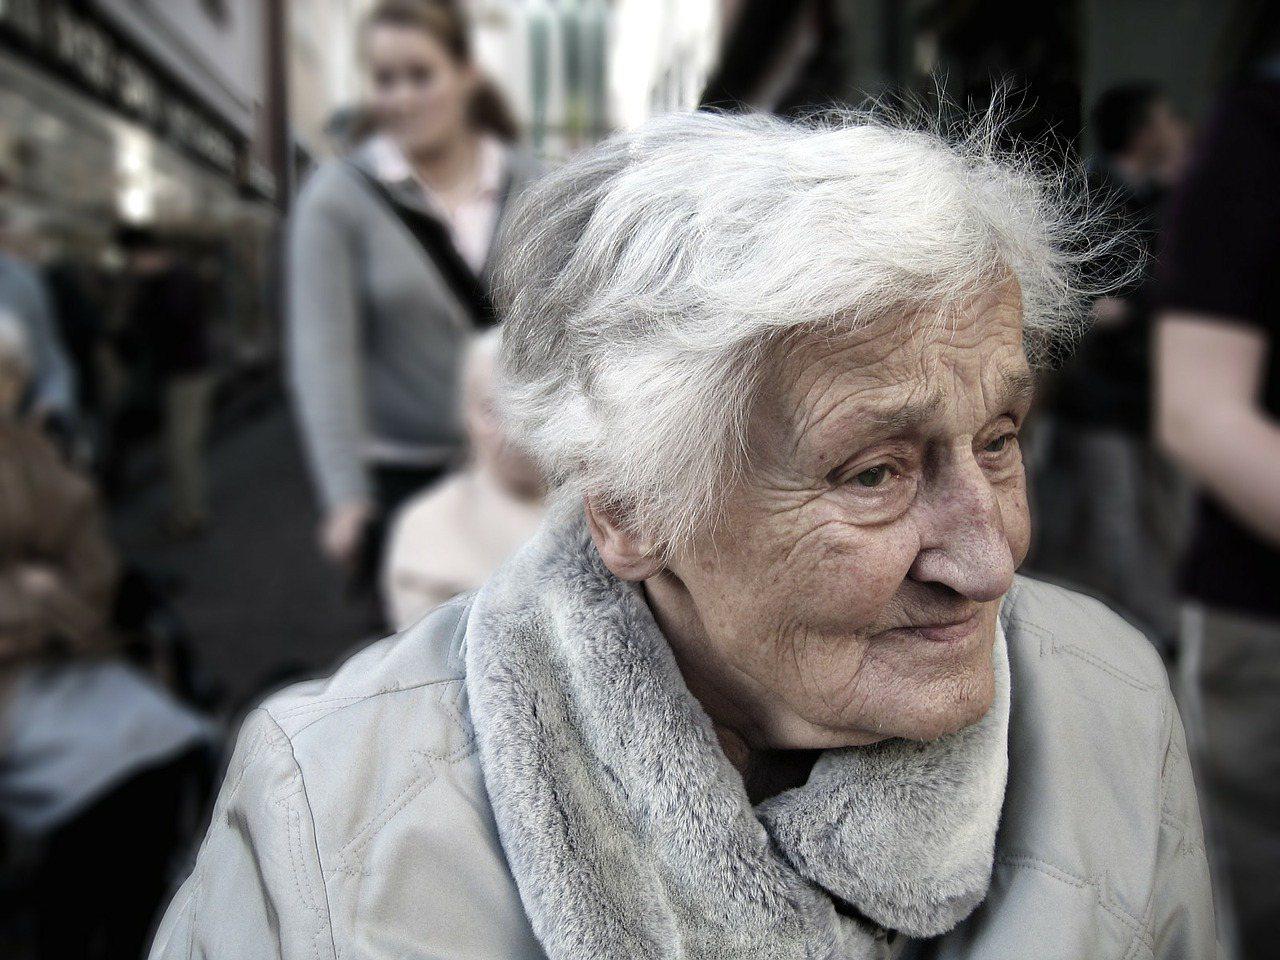 一般成年憂鬱症好發年齡層為20歲至45歲,而老年憂鬱症除年輕時已罹患之外,更好發...